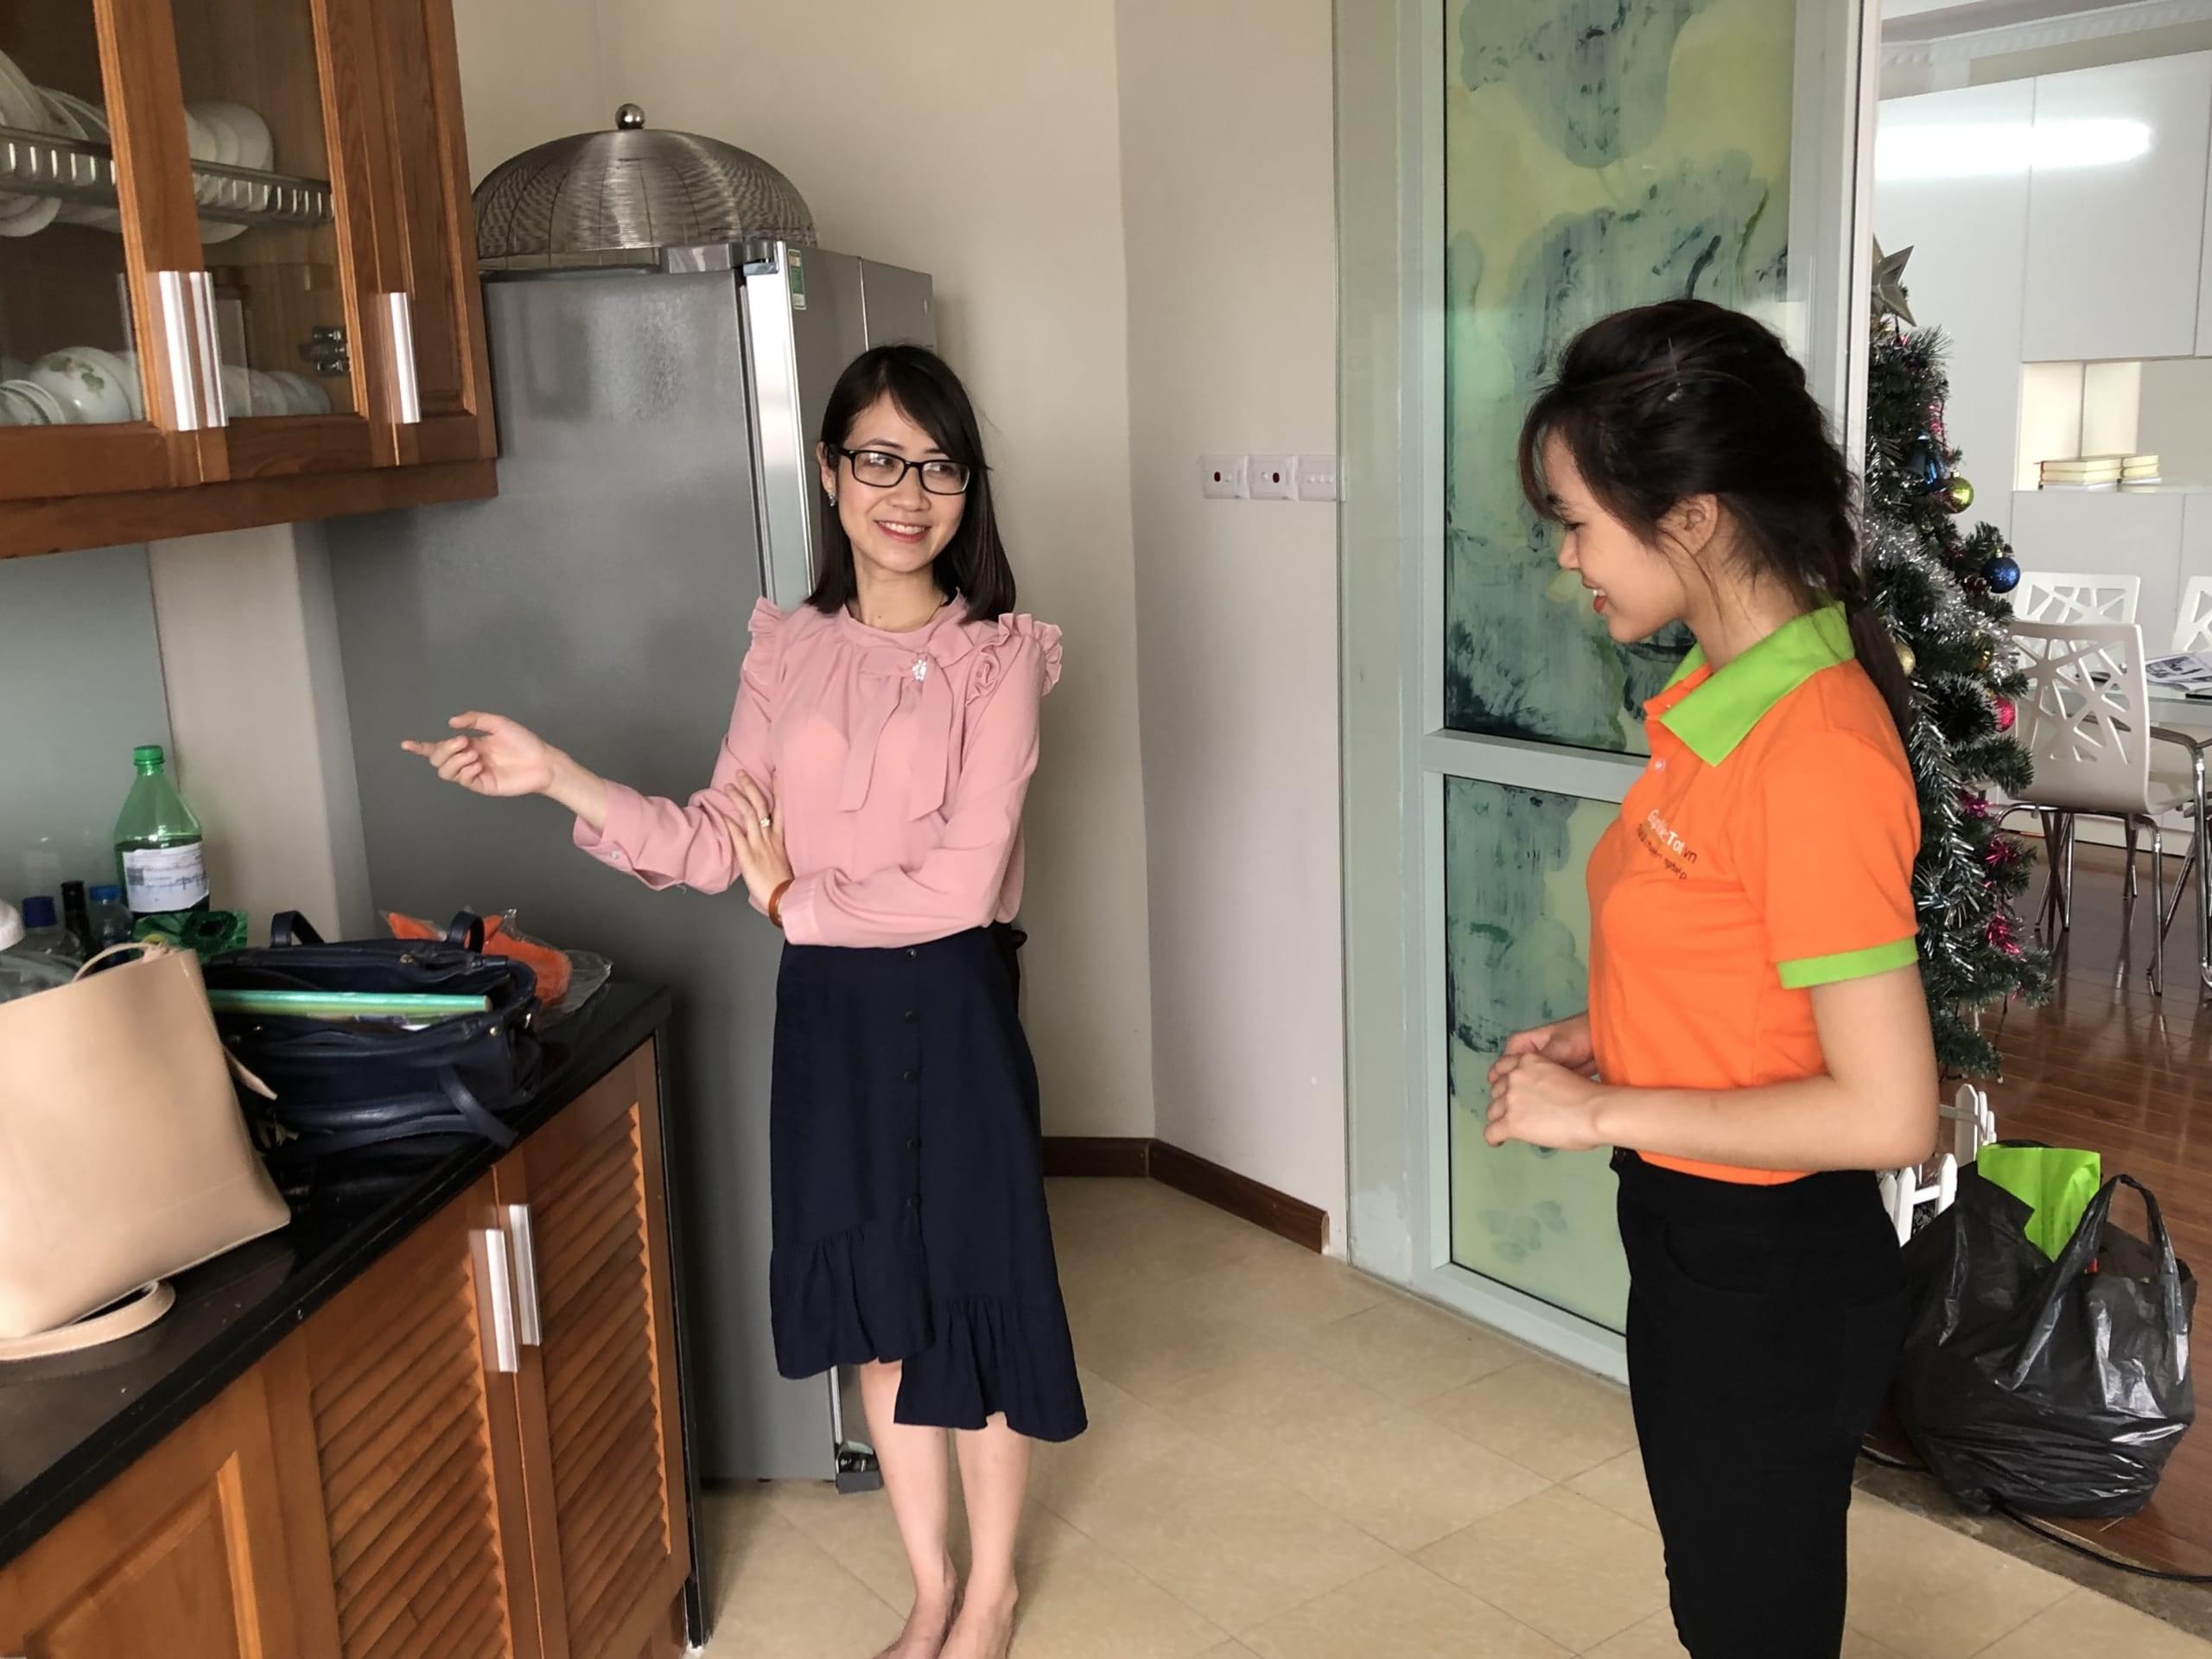 Lưu trữ giúp việc theo giờ tại Quận Hai Bà Trưng - GiupViecTot.vn